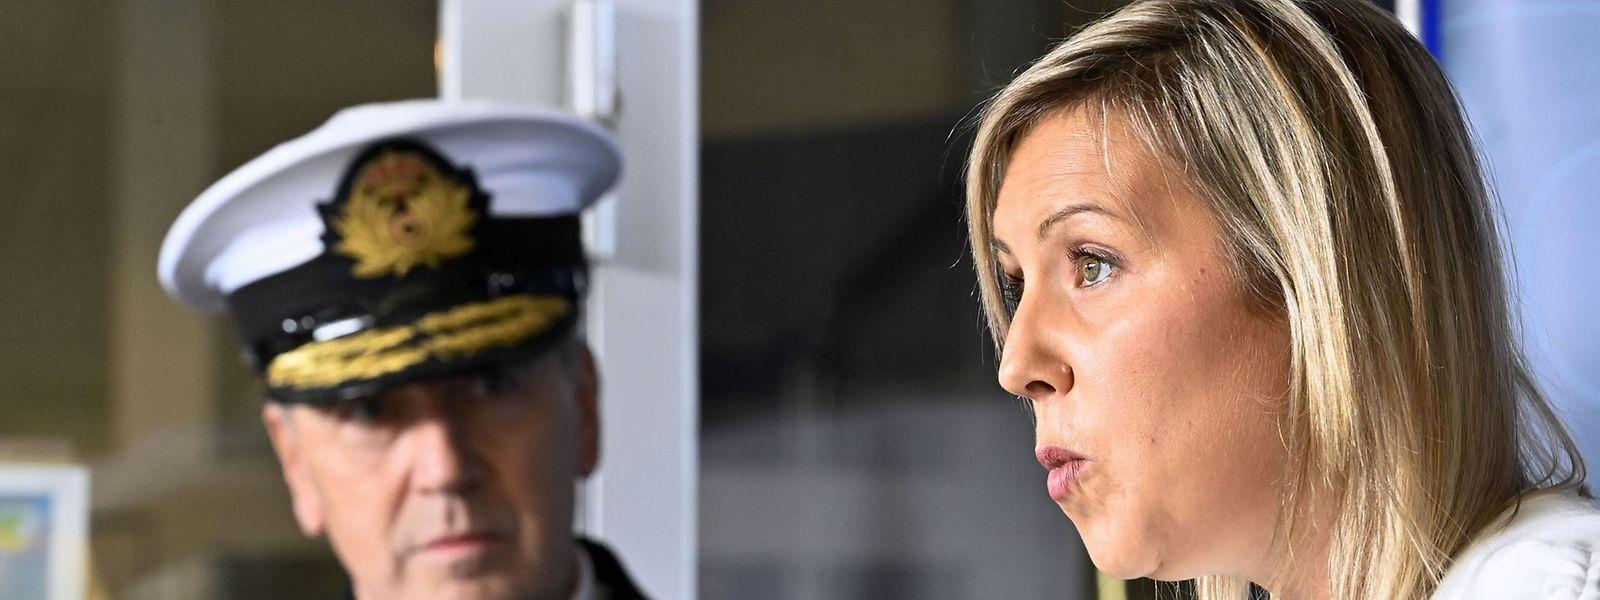 «Toutes les mesures seront prises afin d'éviter de tels évènements à l'avenir», a indiqué Ludivine Dedonder, ministre belge de la Défense, sur son compte Twitter.